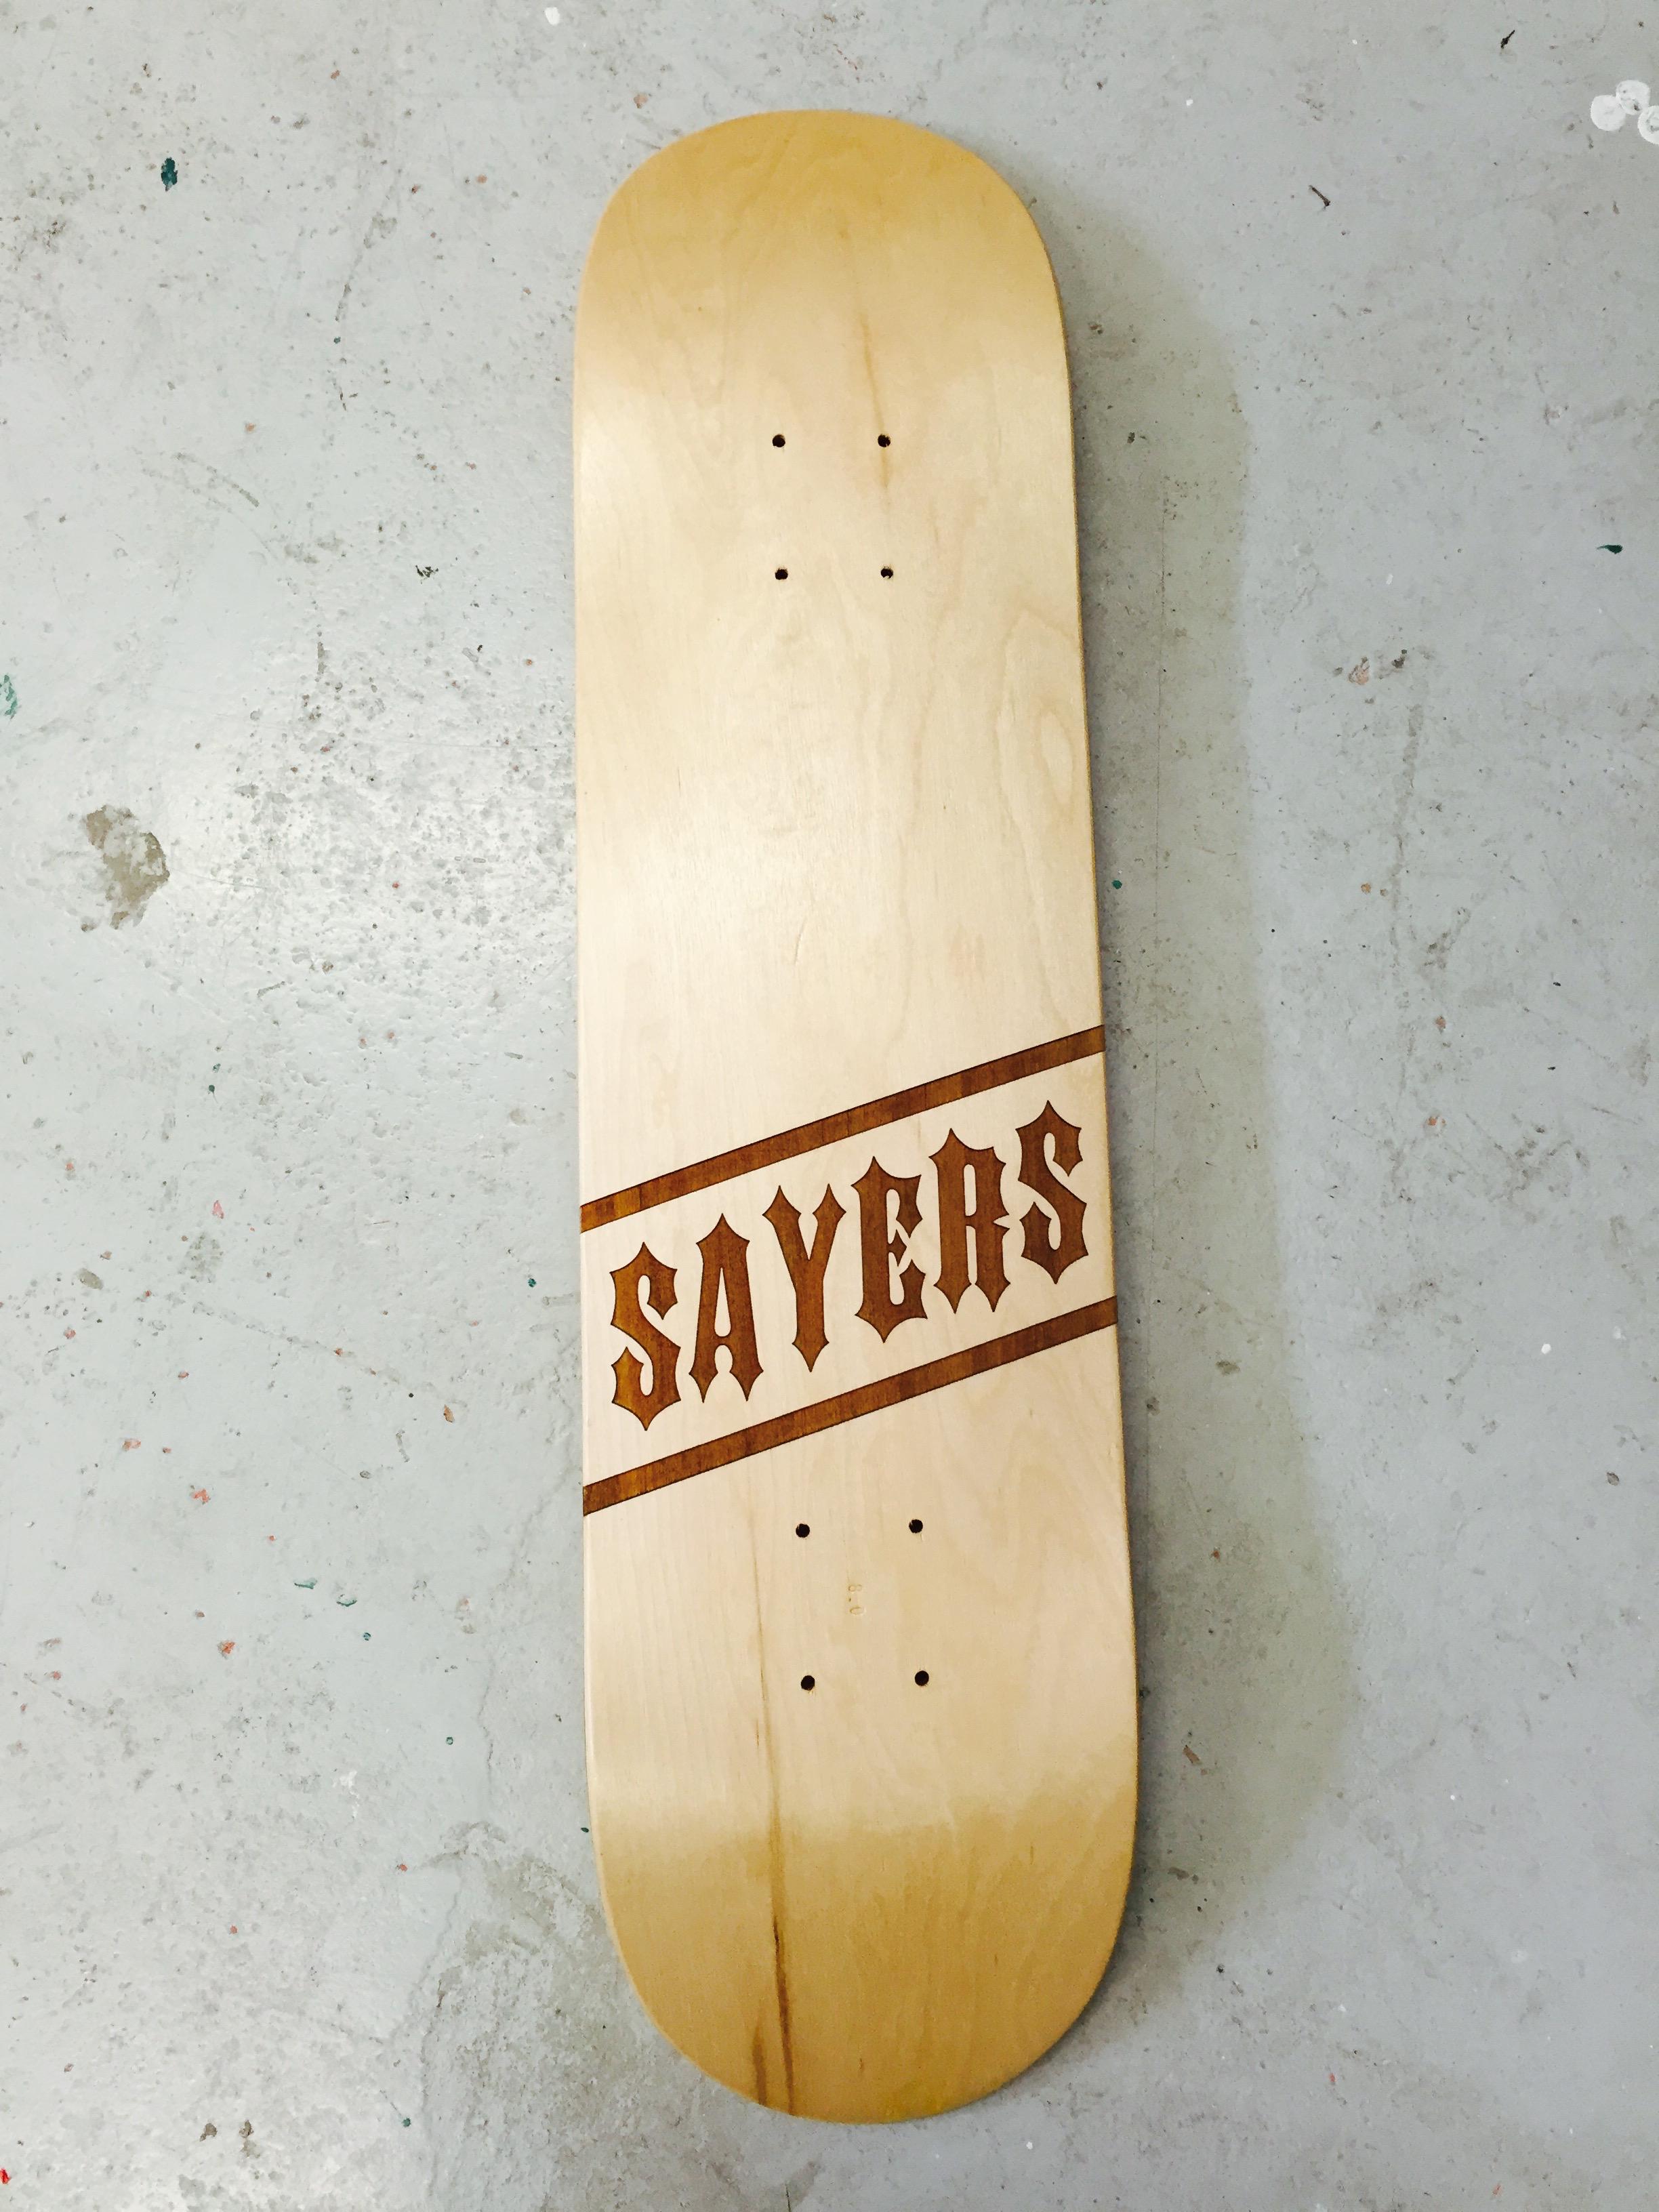 ED SAYERS